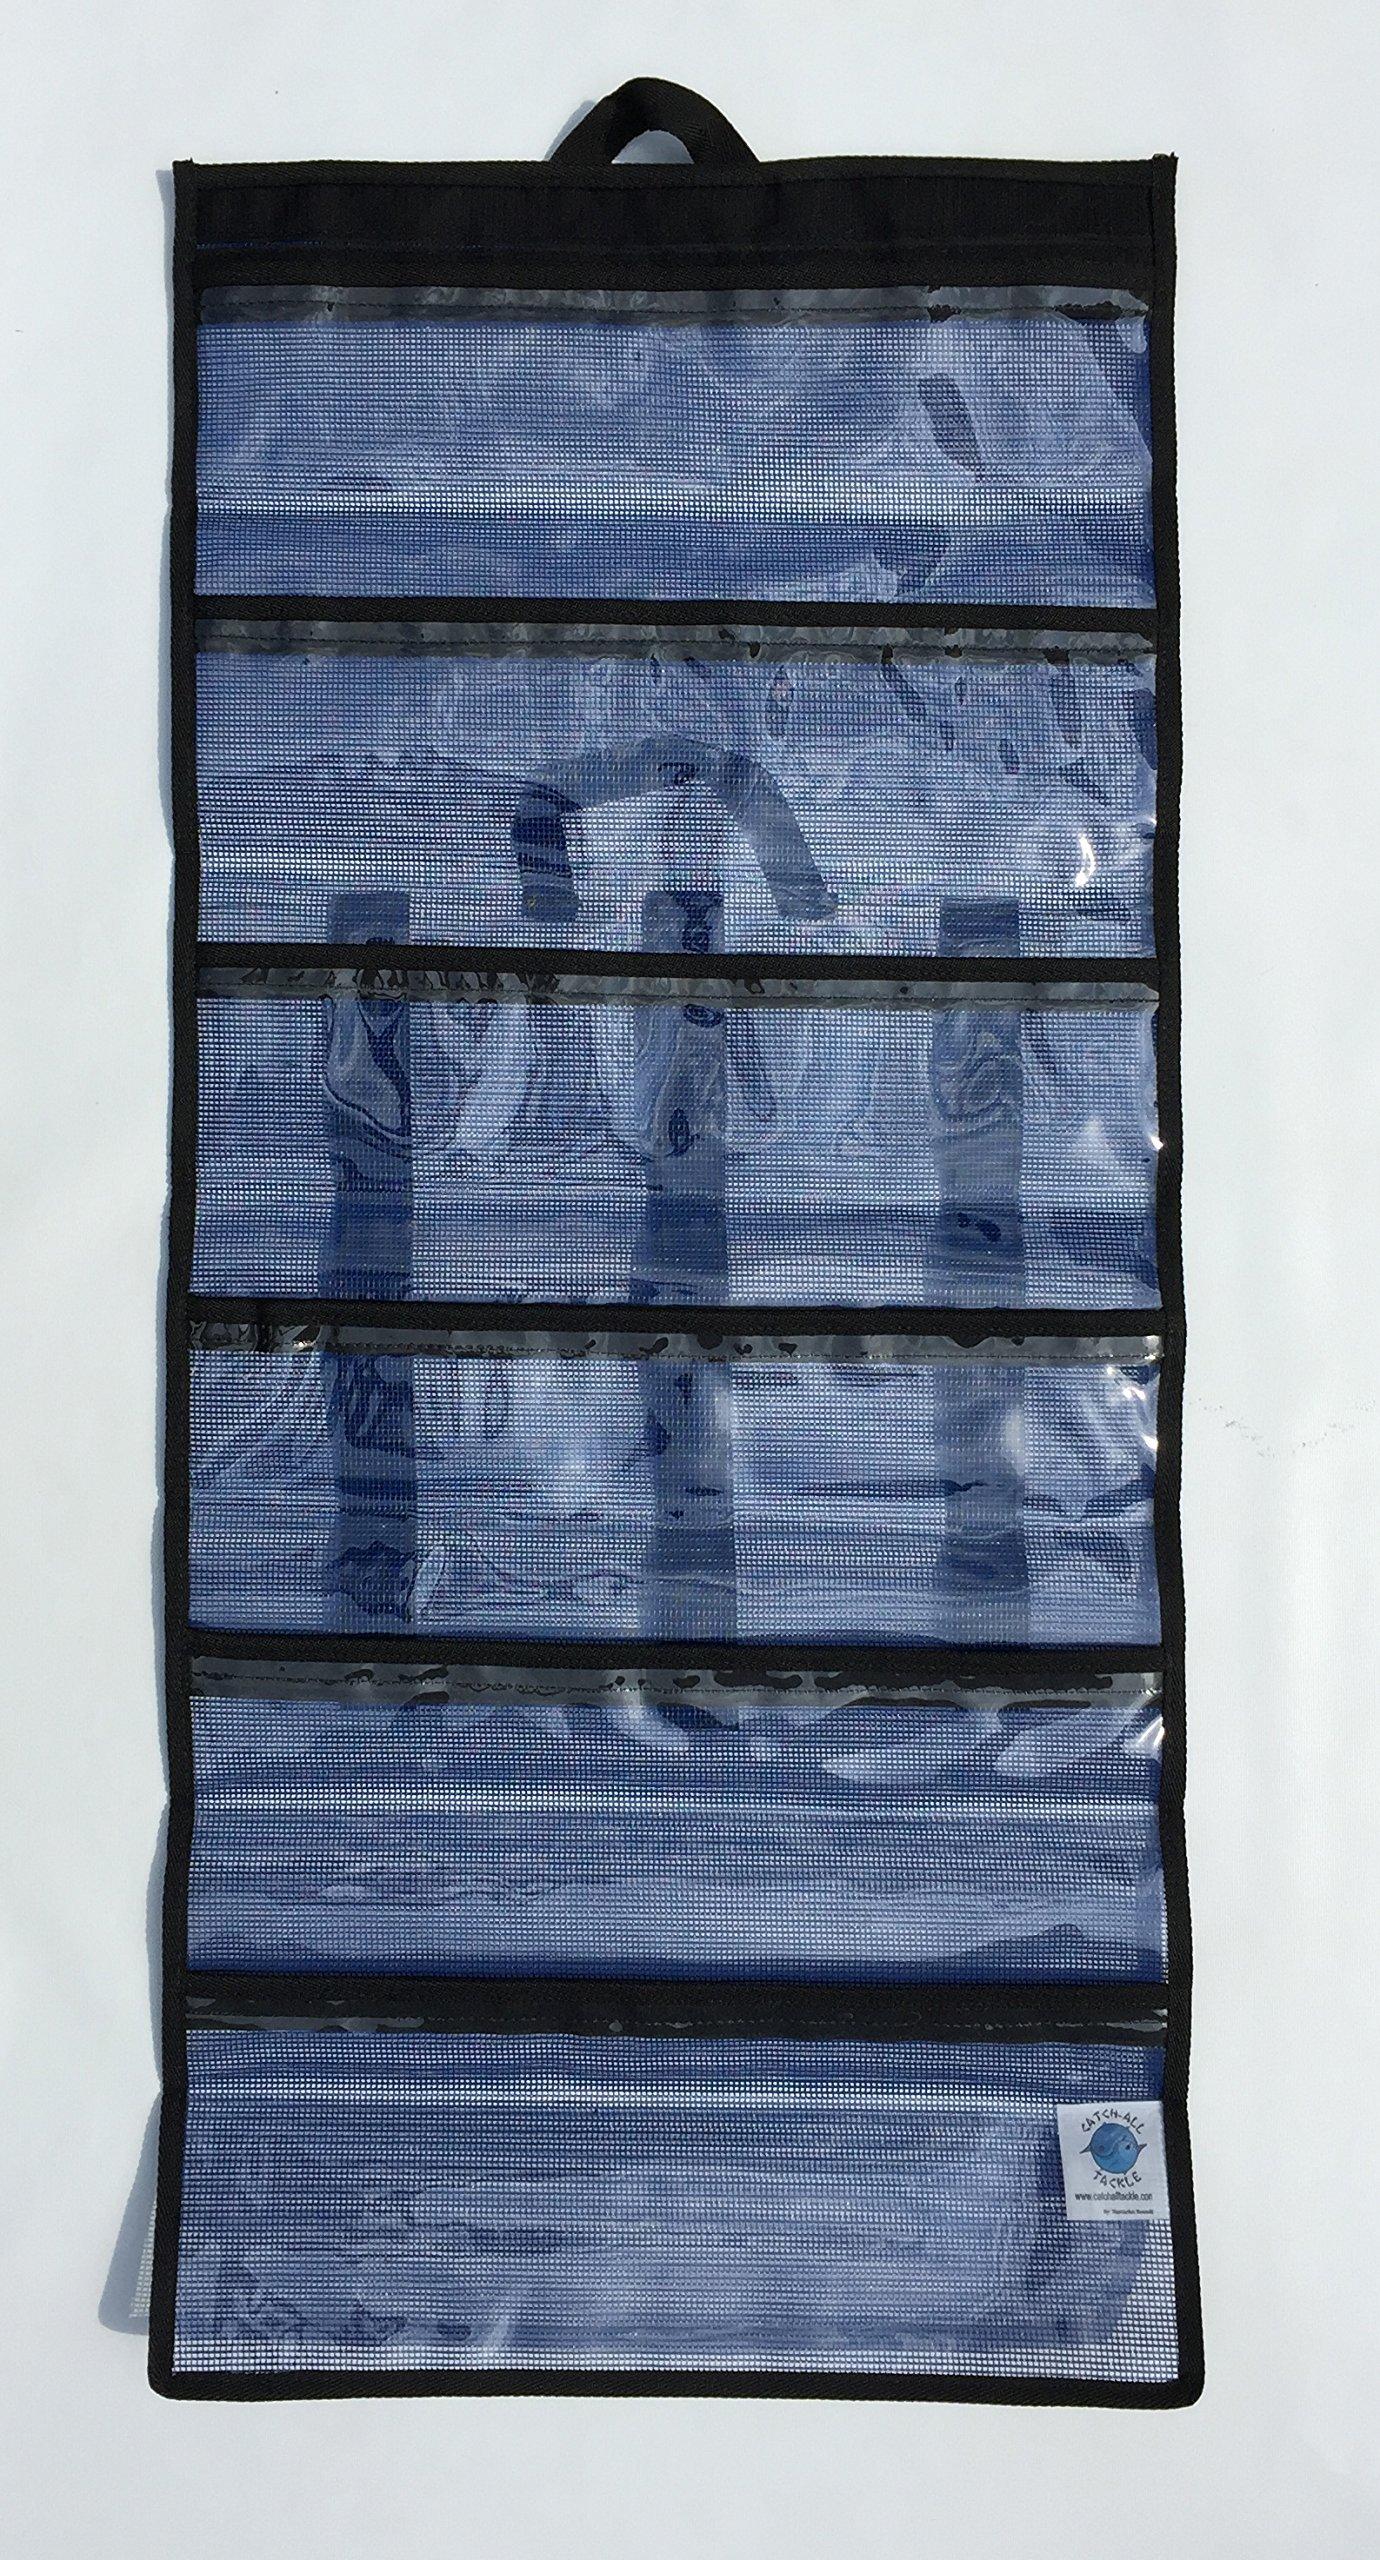 Nantucket Bound 6 Pocket Large Big Game Roll Up Lure Bag 20''